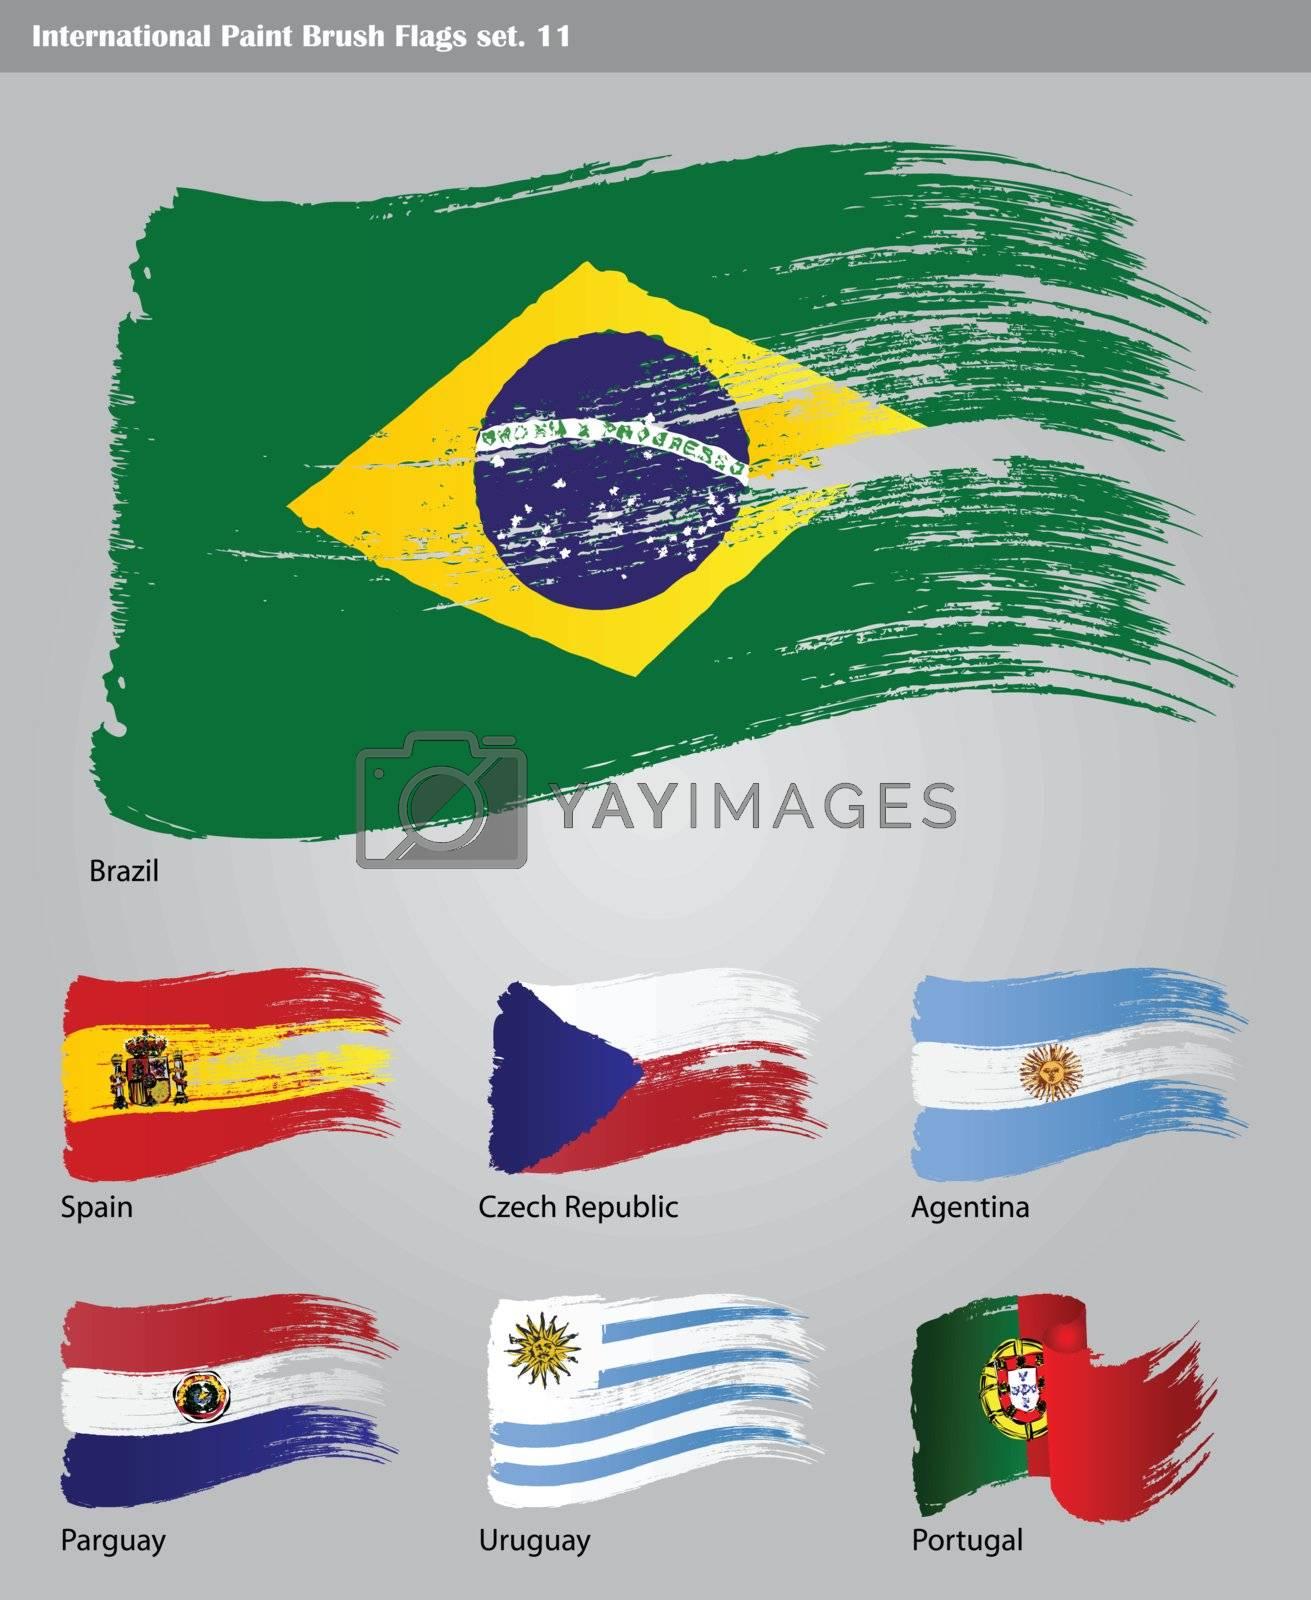 vset of vector International Paint Brush Flags